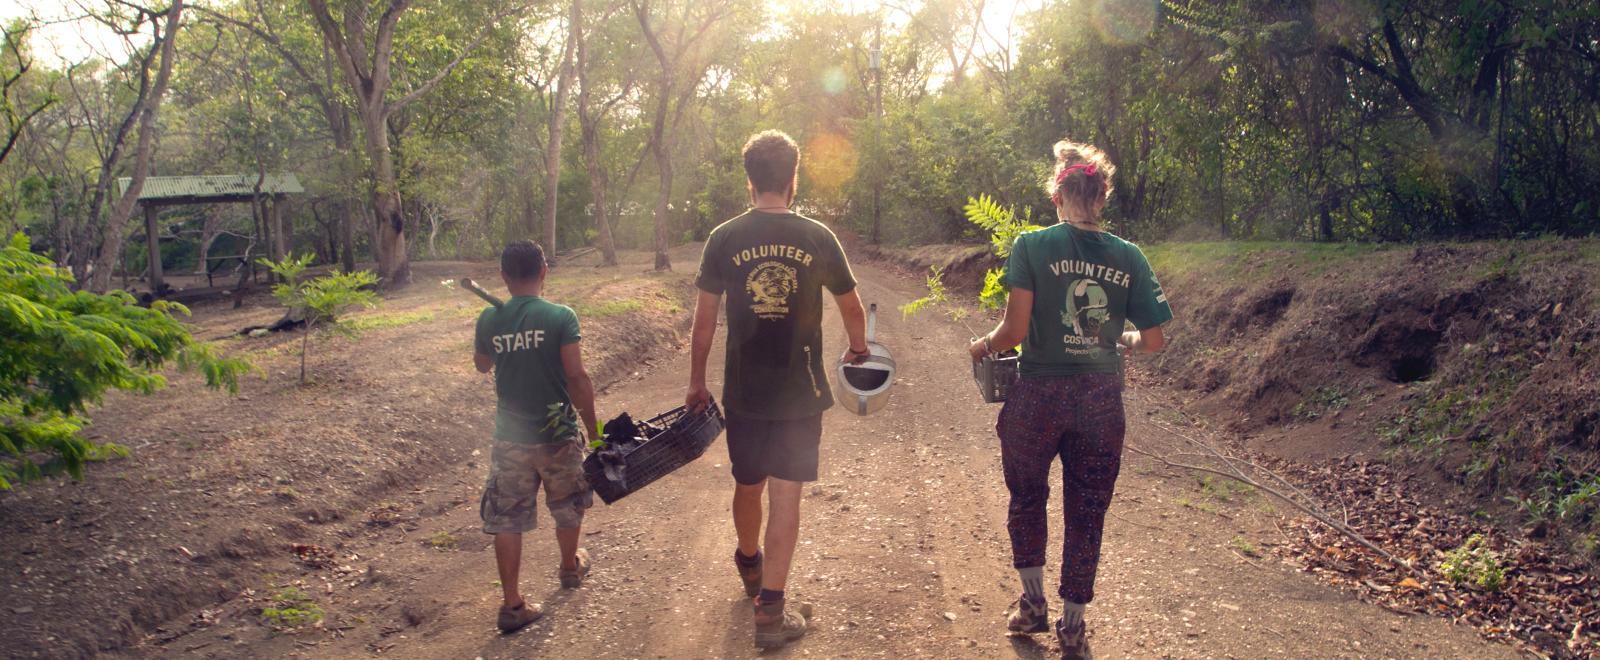 Como parte de nuestro voluntariado medioambiental en Costa Rica, nuestros voluntarios y personal ayudan a plantar árboles.